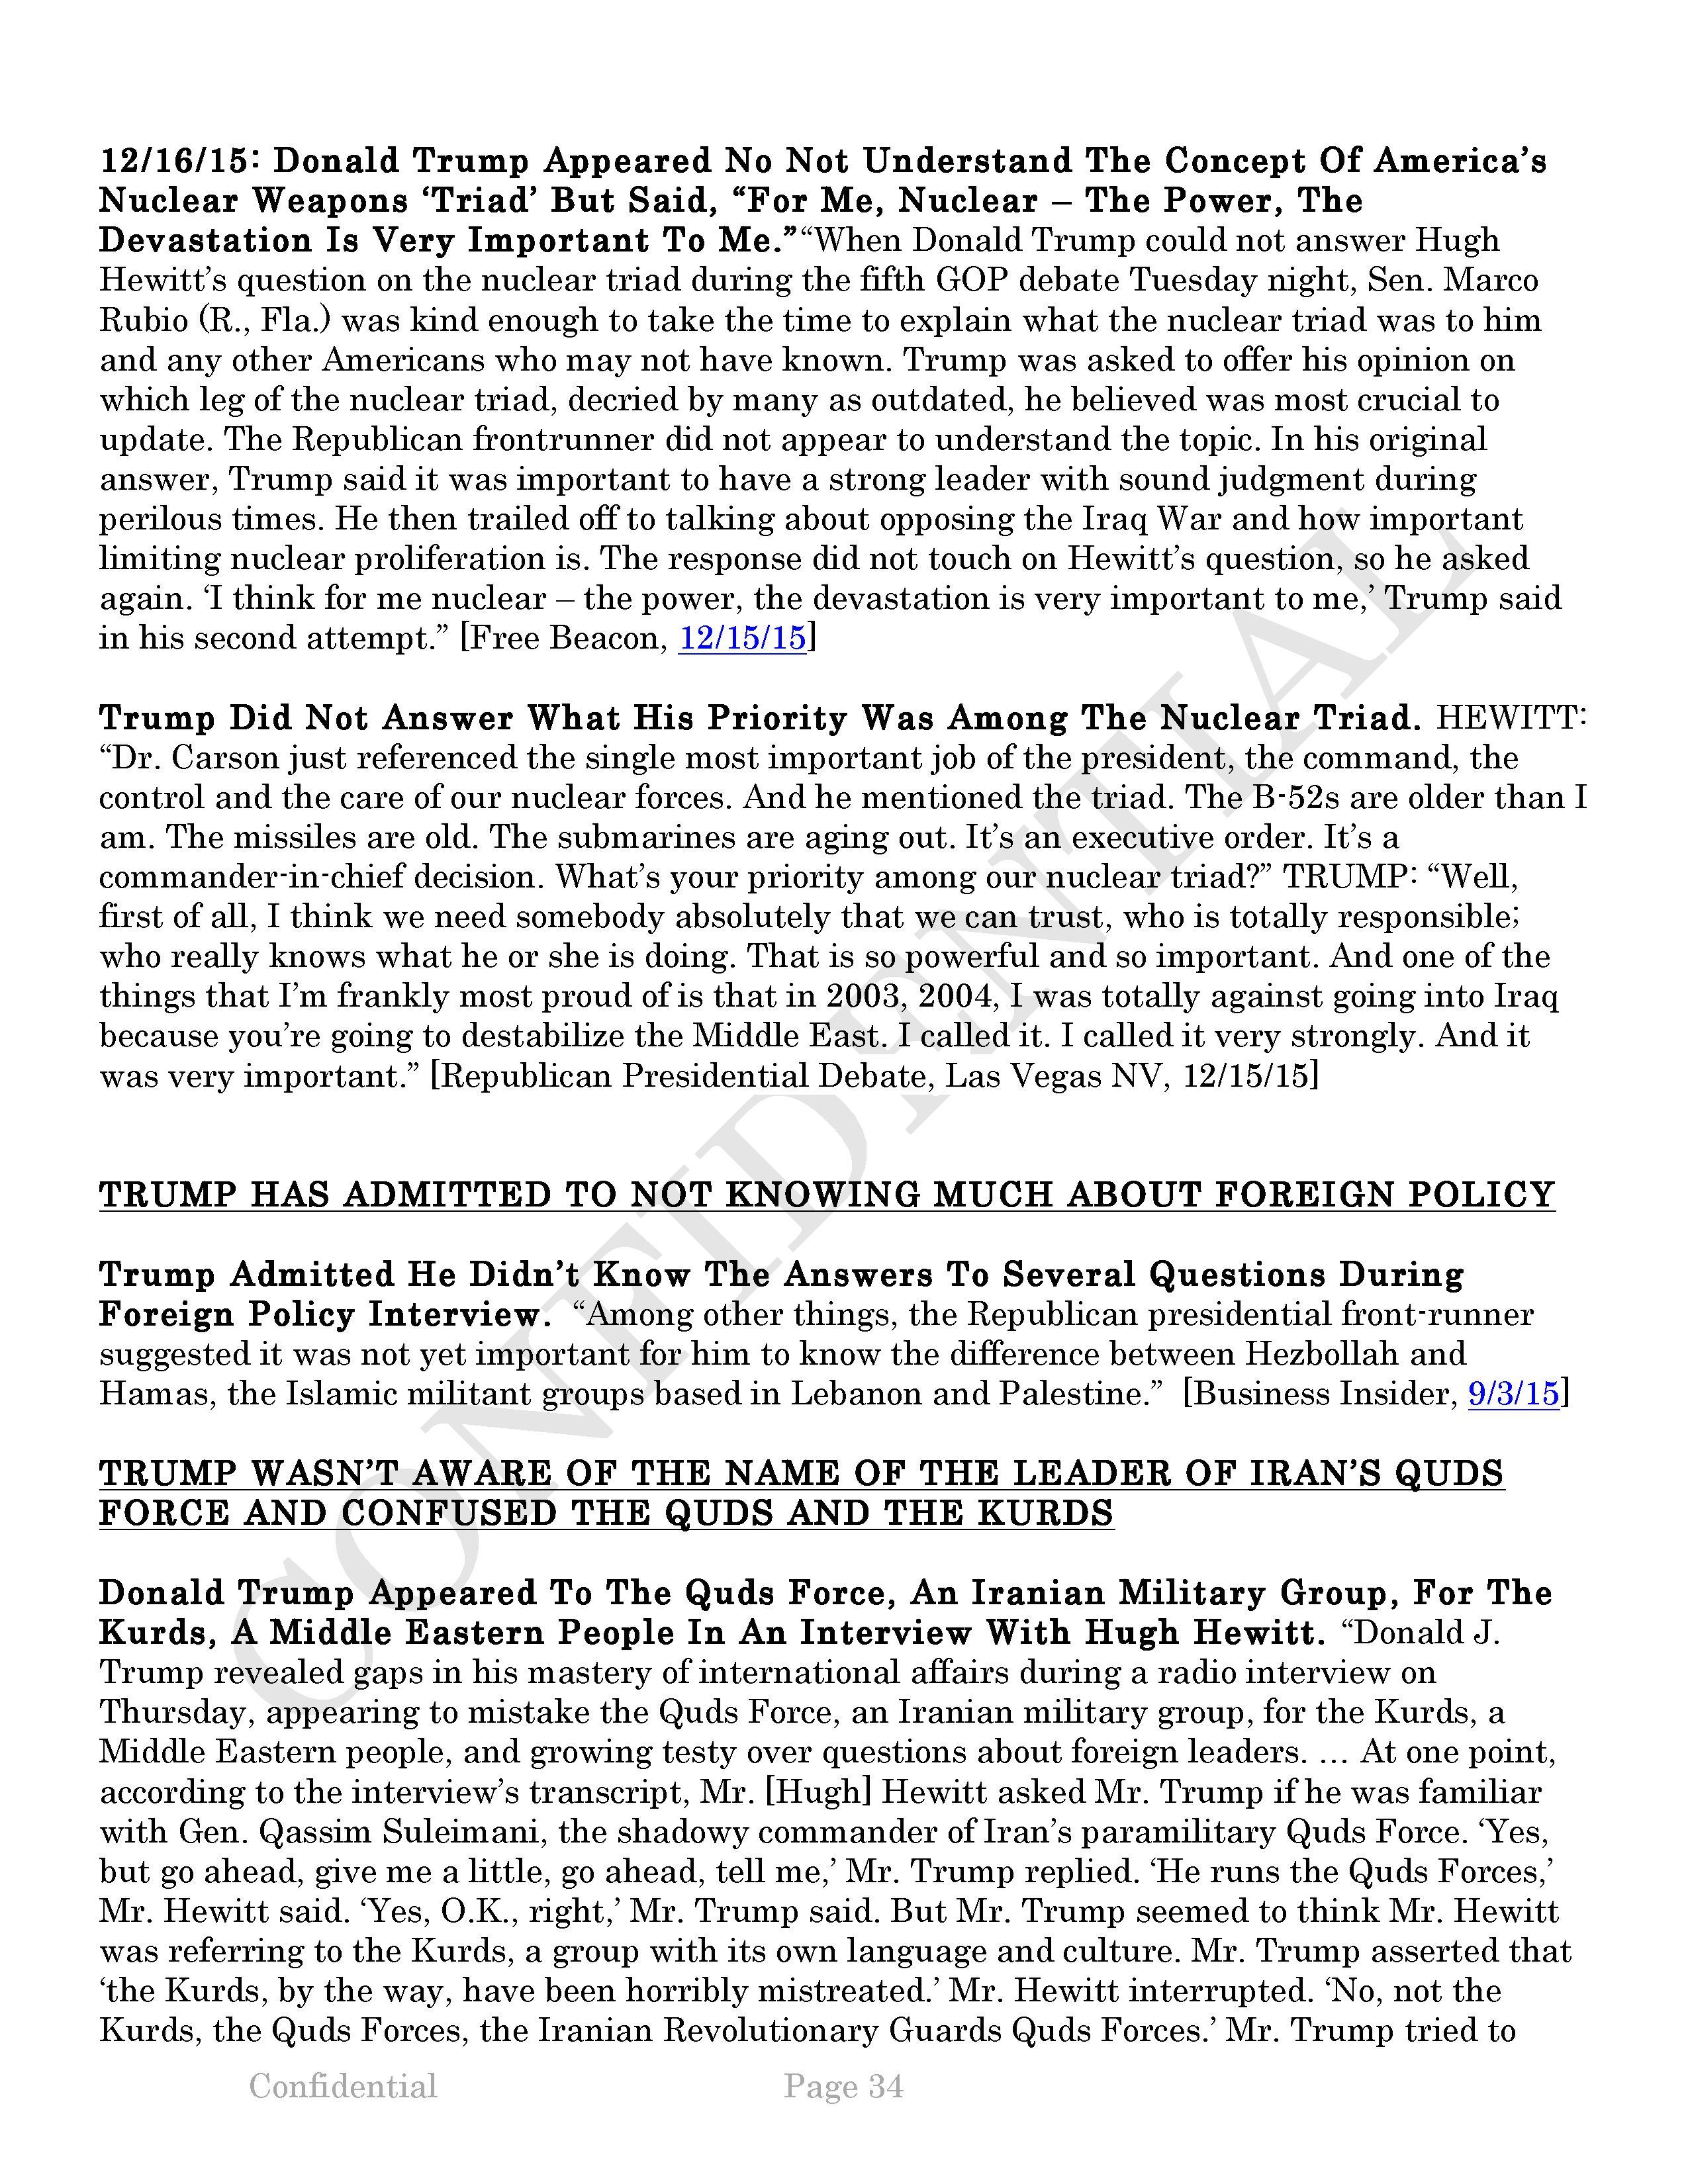 Donald Trump Report Dnc